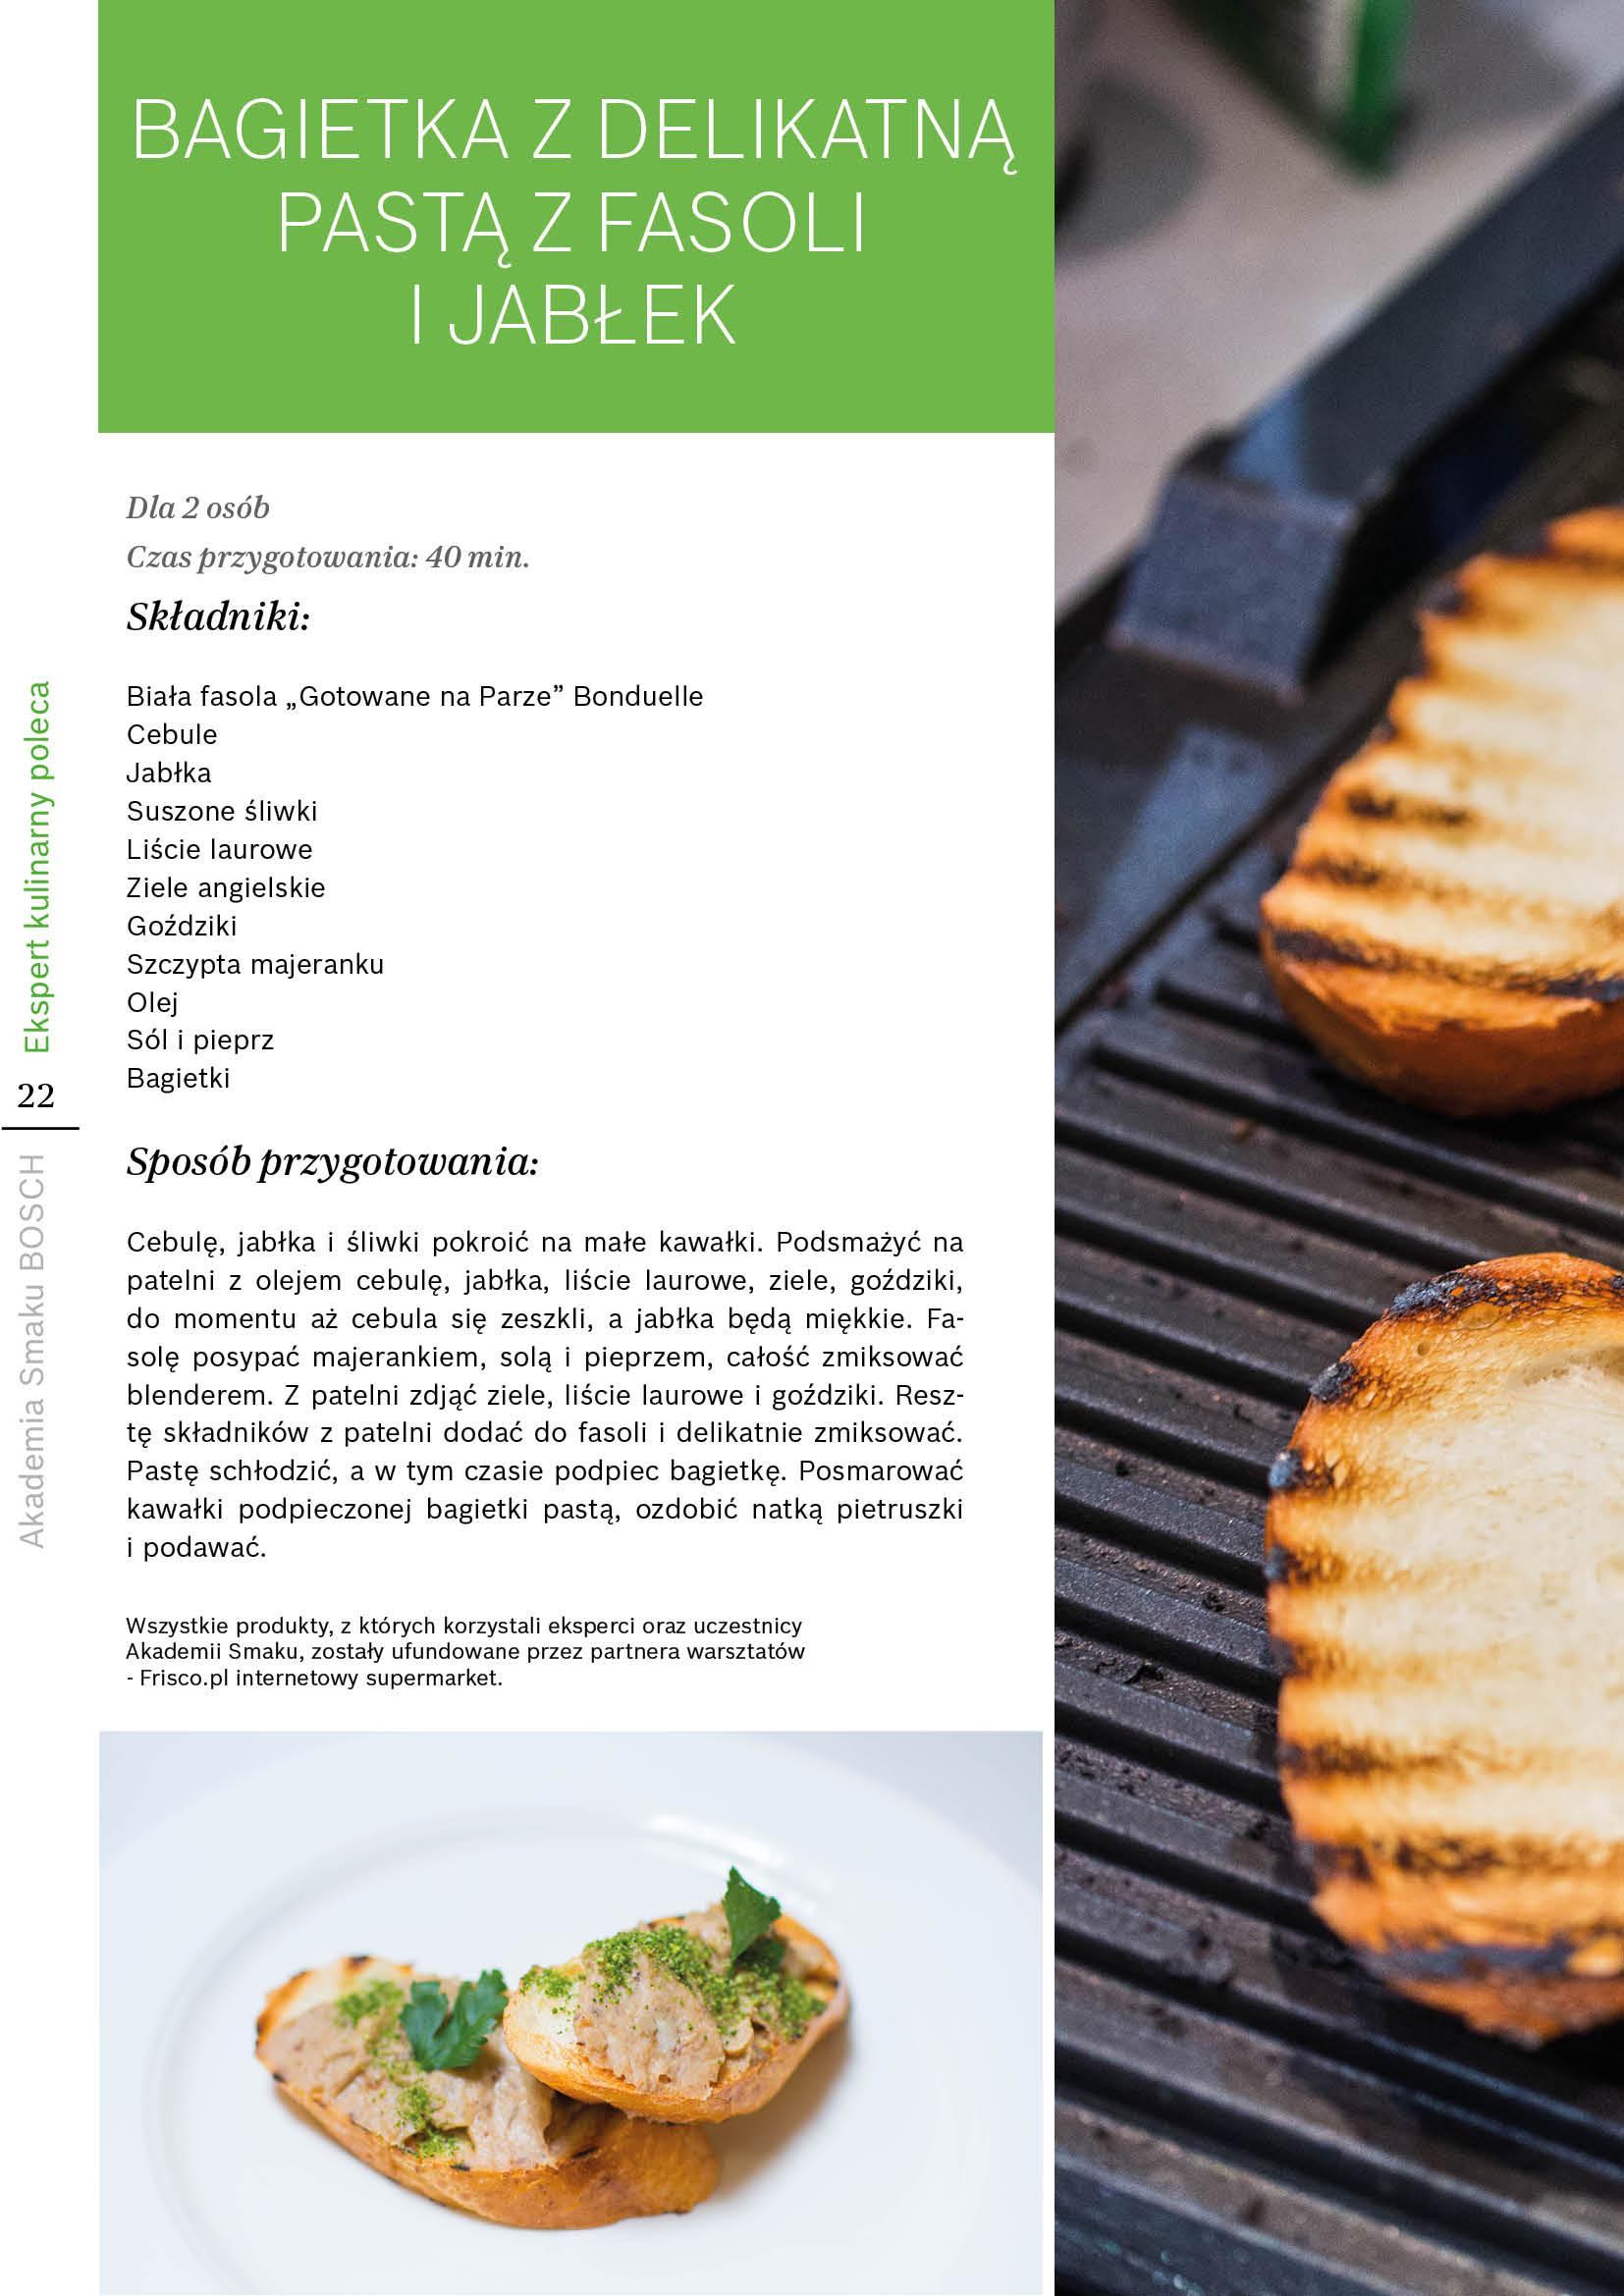 Kuchnia w parze ze zdrowiem - Strona 22